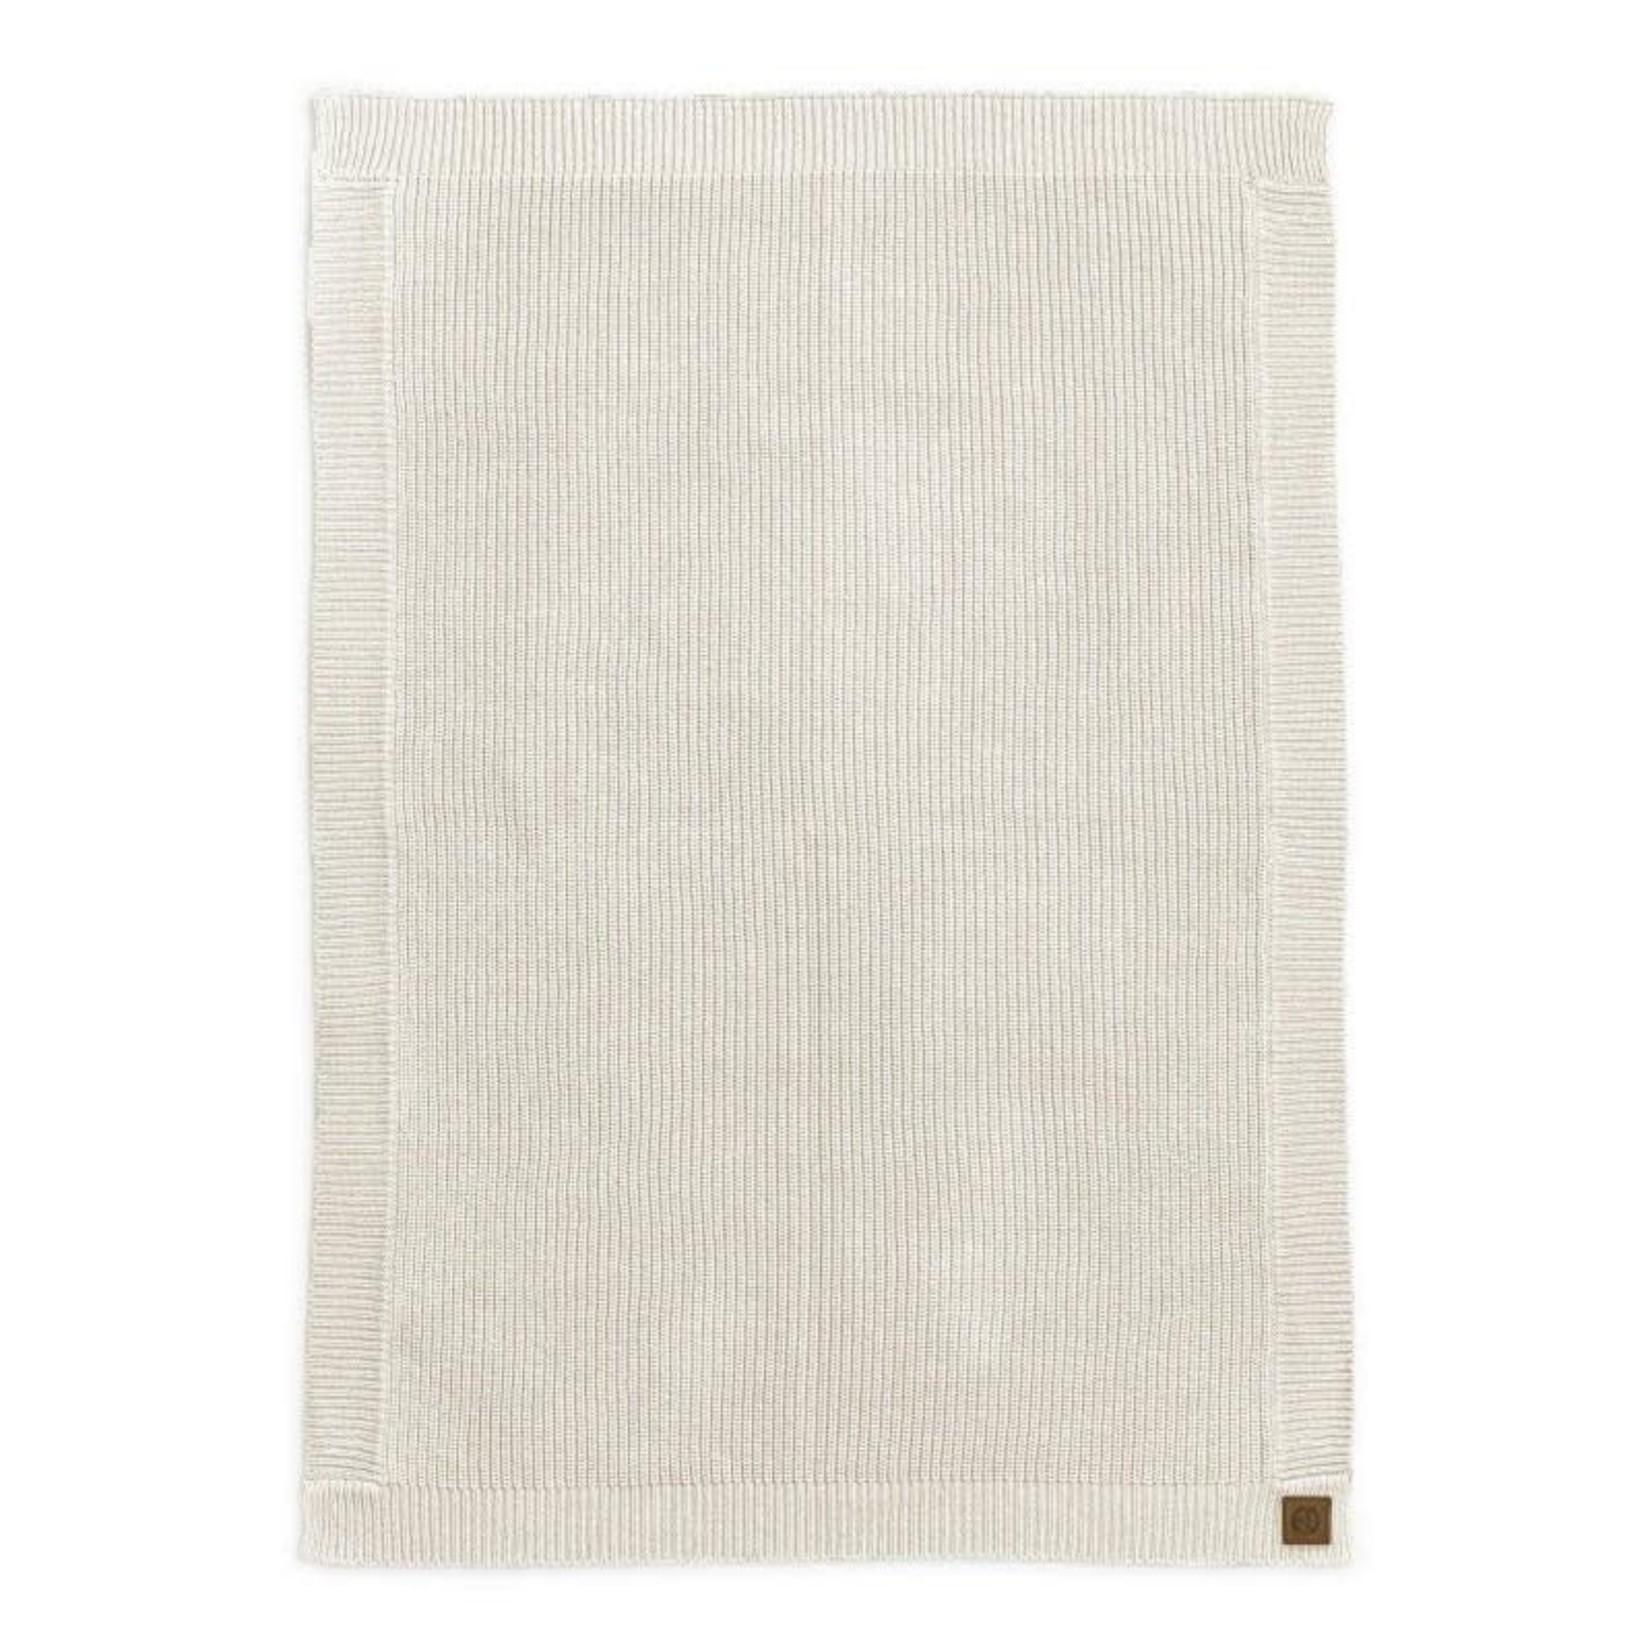 Elodie Details Gebreid deken wol (Vanilla White)